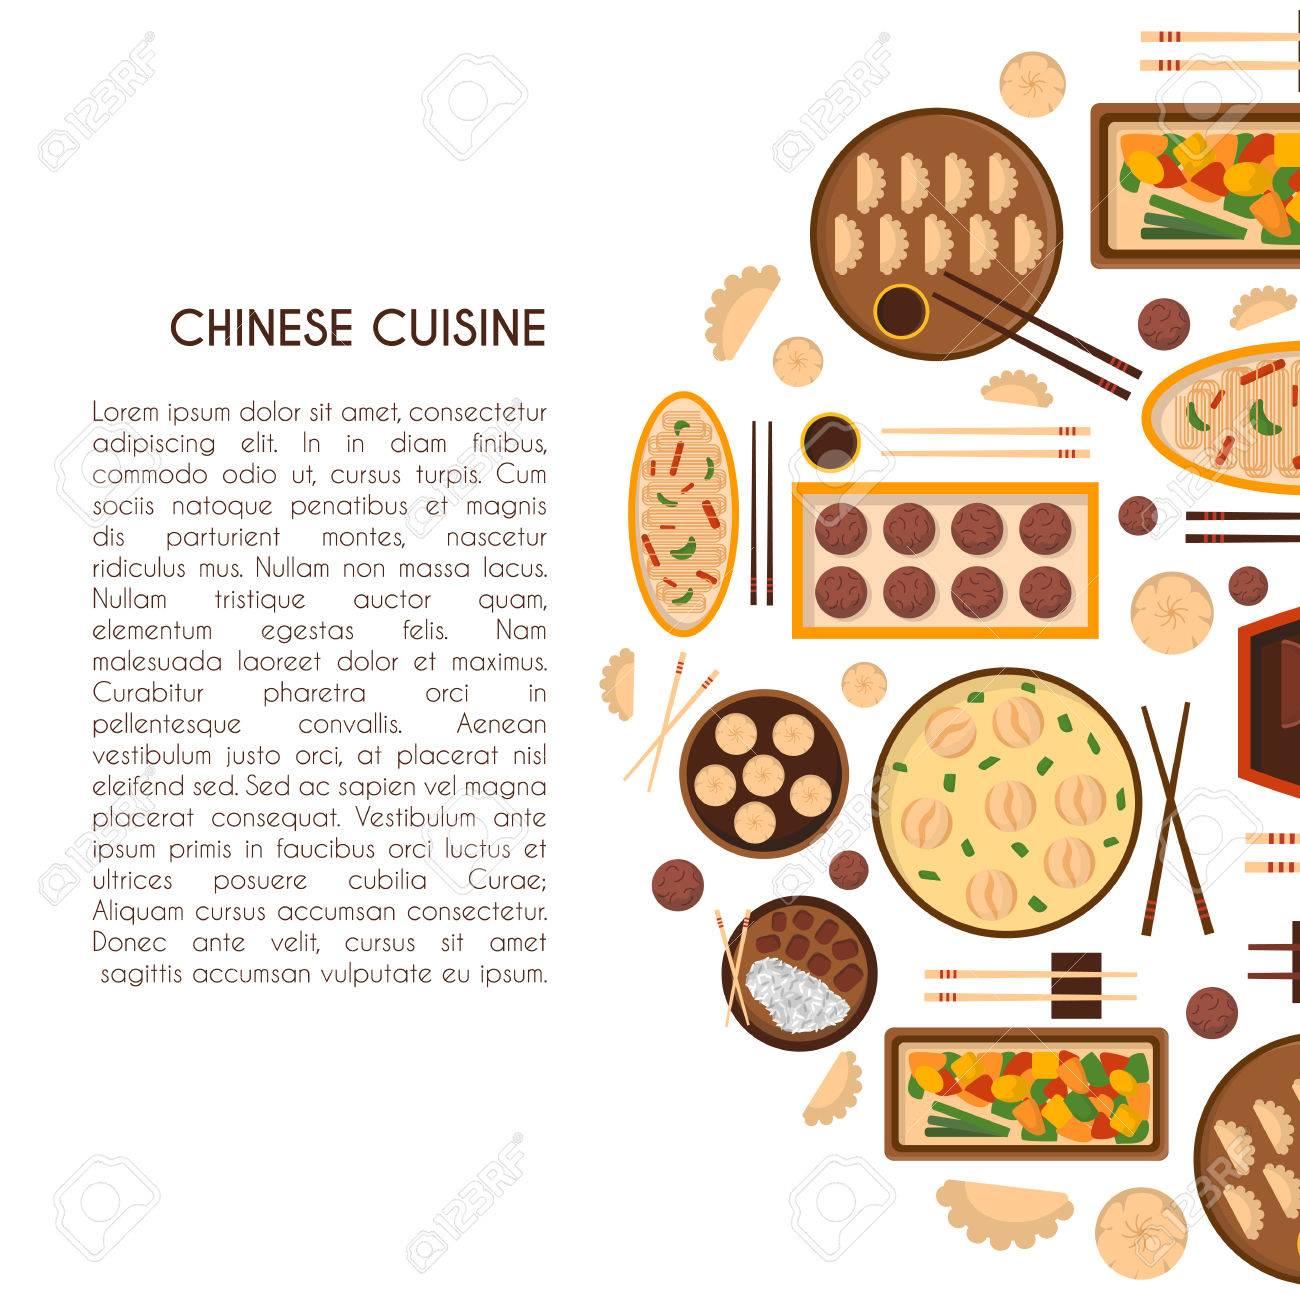 Vektor-Illustration Mit Cute Cartoon-chinesische Küche Essen: Huhn ...